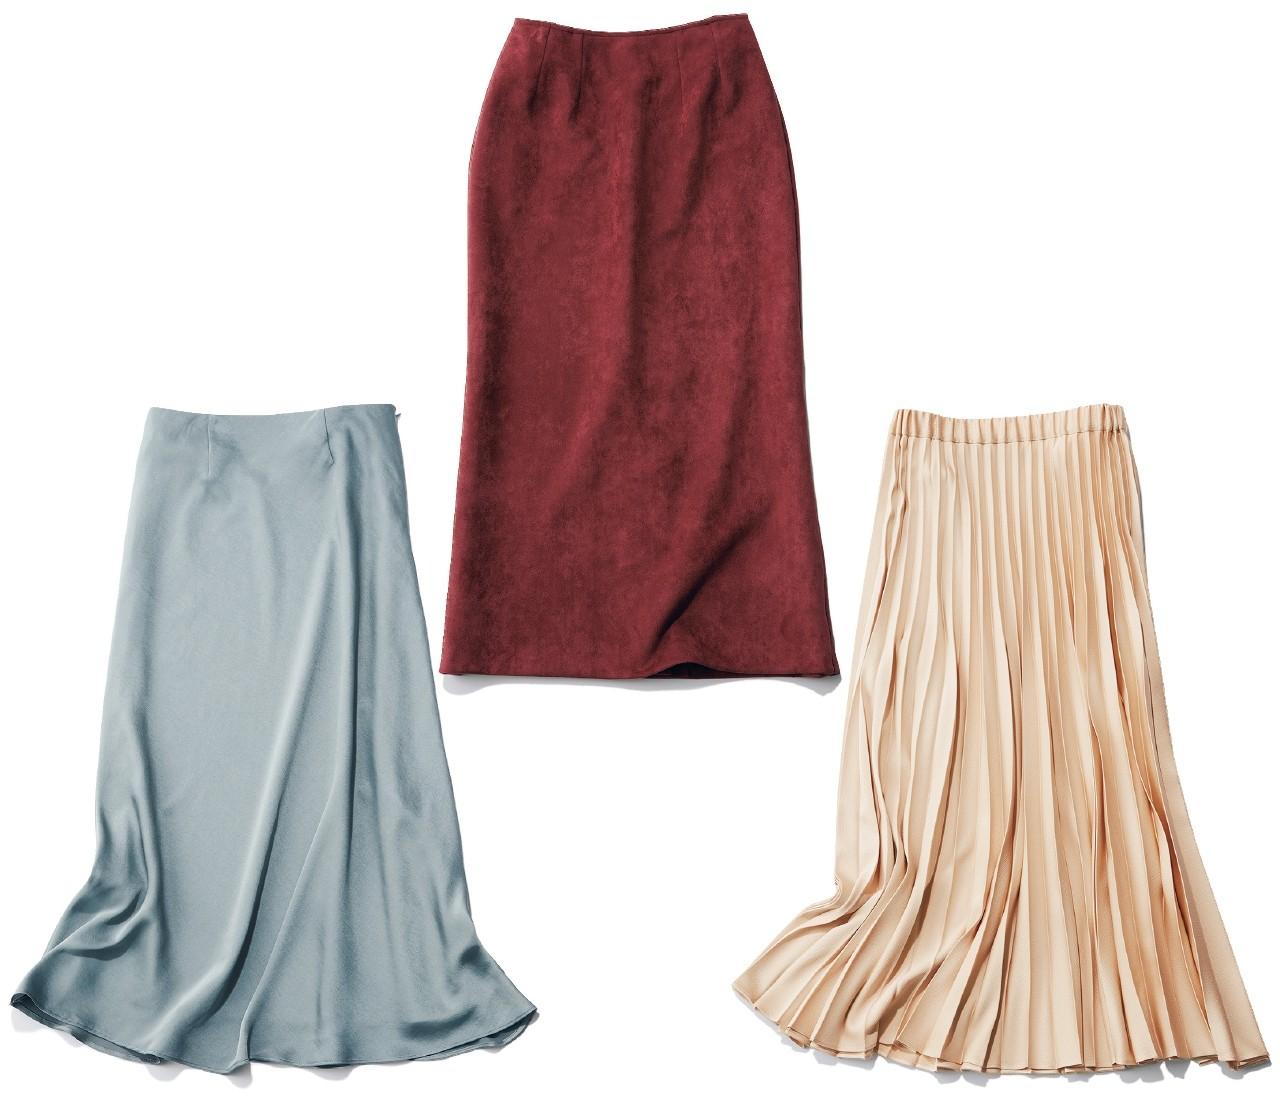 働く30代がこの秋オンオフ使える3本のスカート&ワードローブを一気見!【スカート派のハイブリッドOL着回し・クロゼット編】